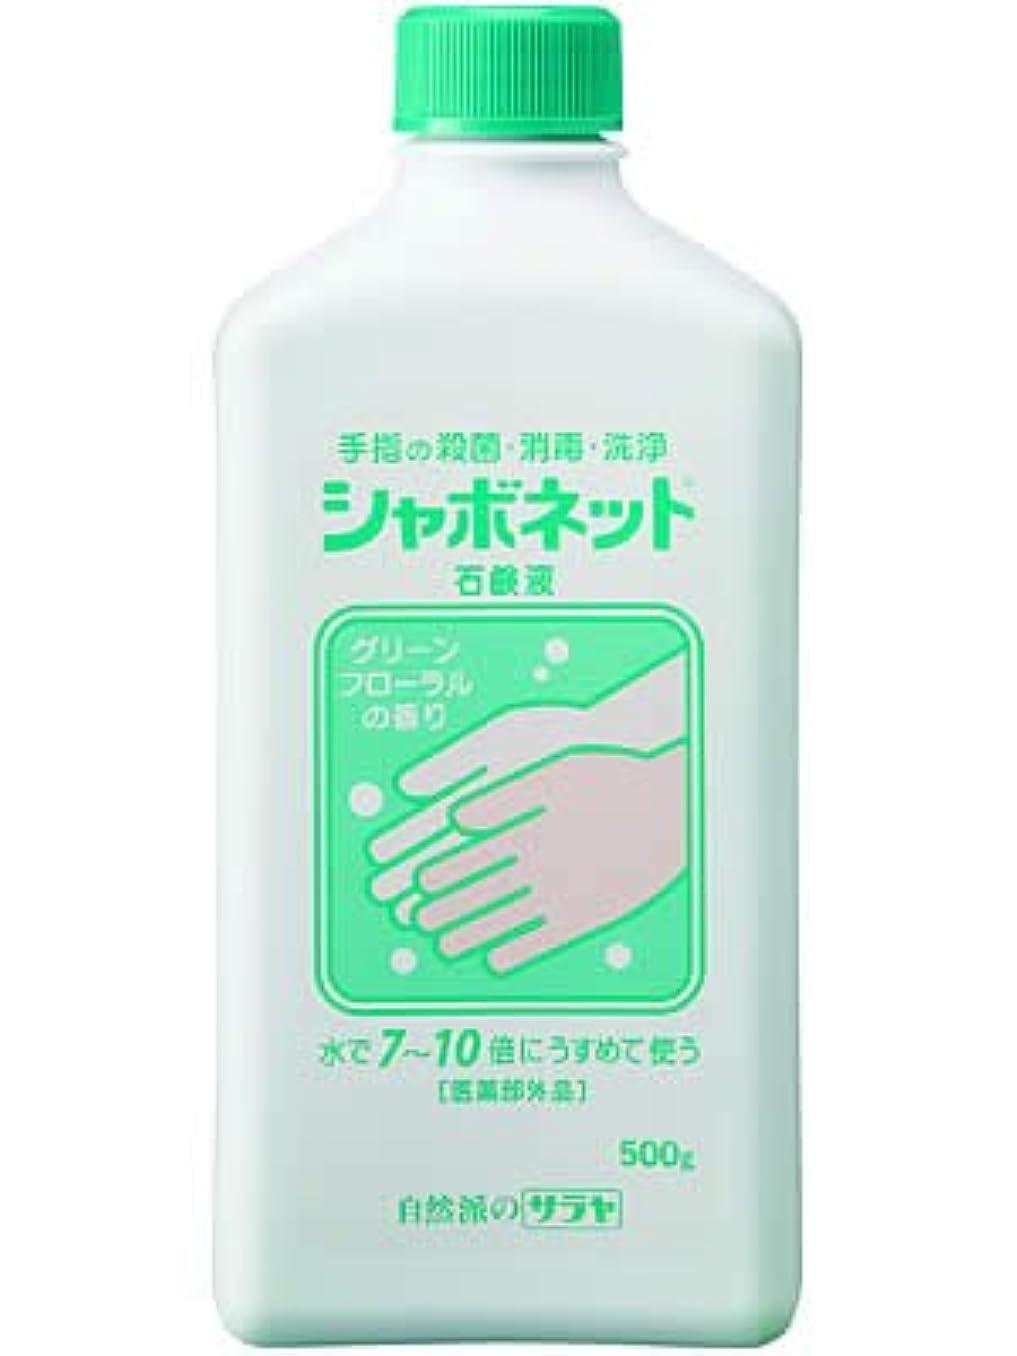 許さない引き算枯渇するシャボネット 石鹸液 500g ×5個セット